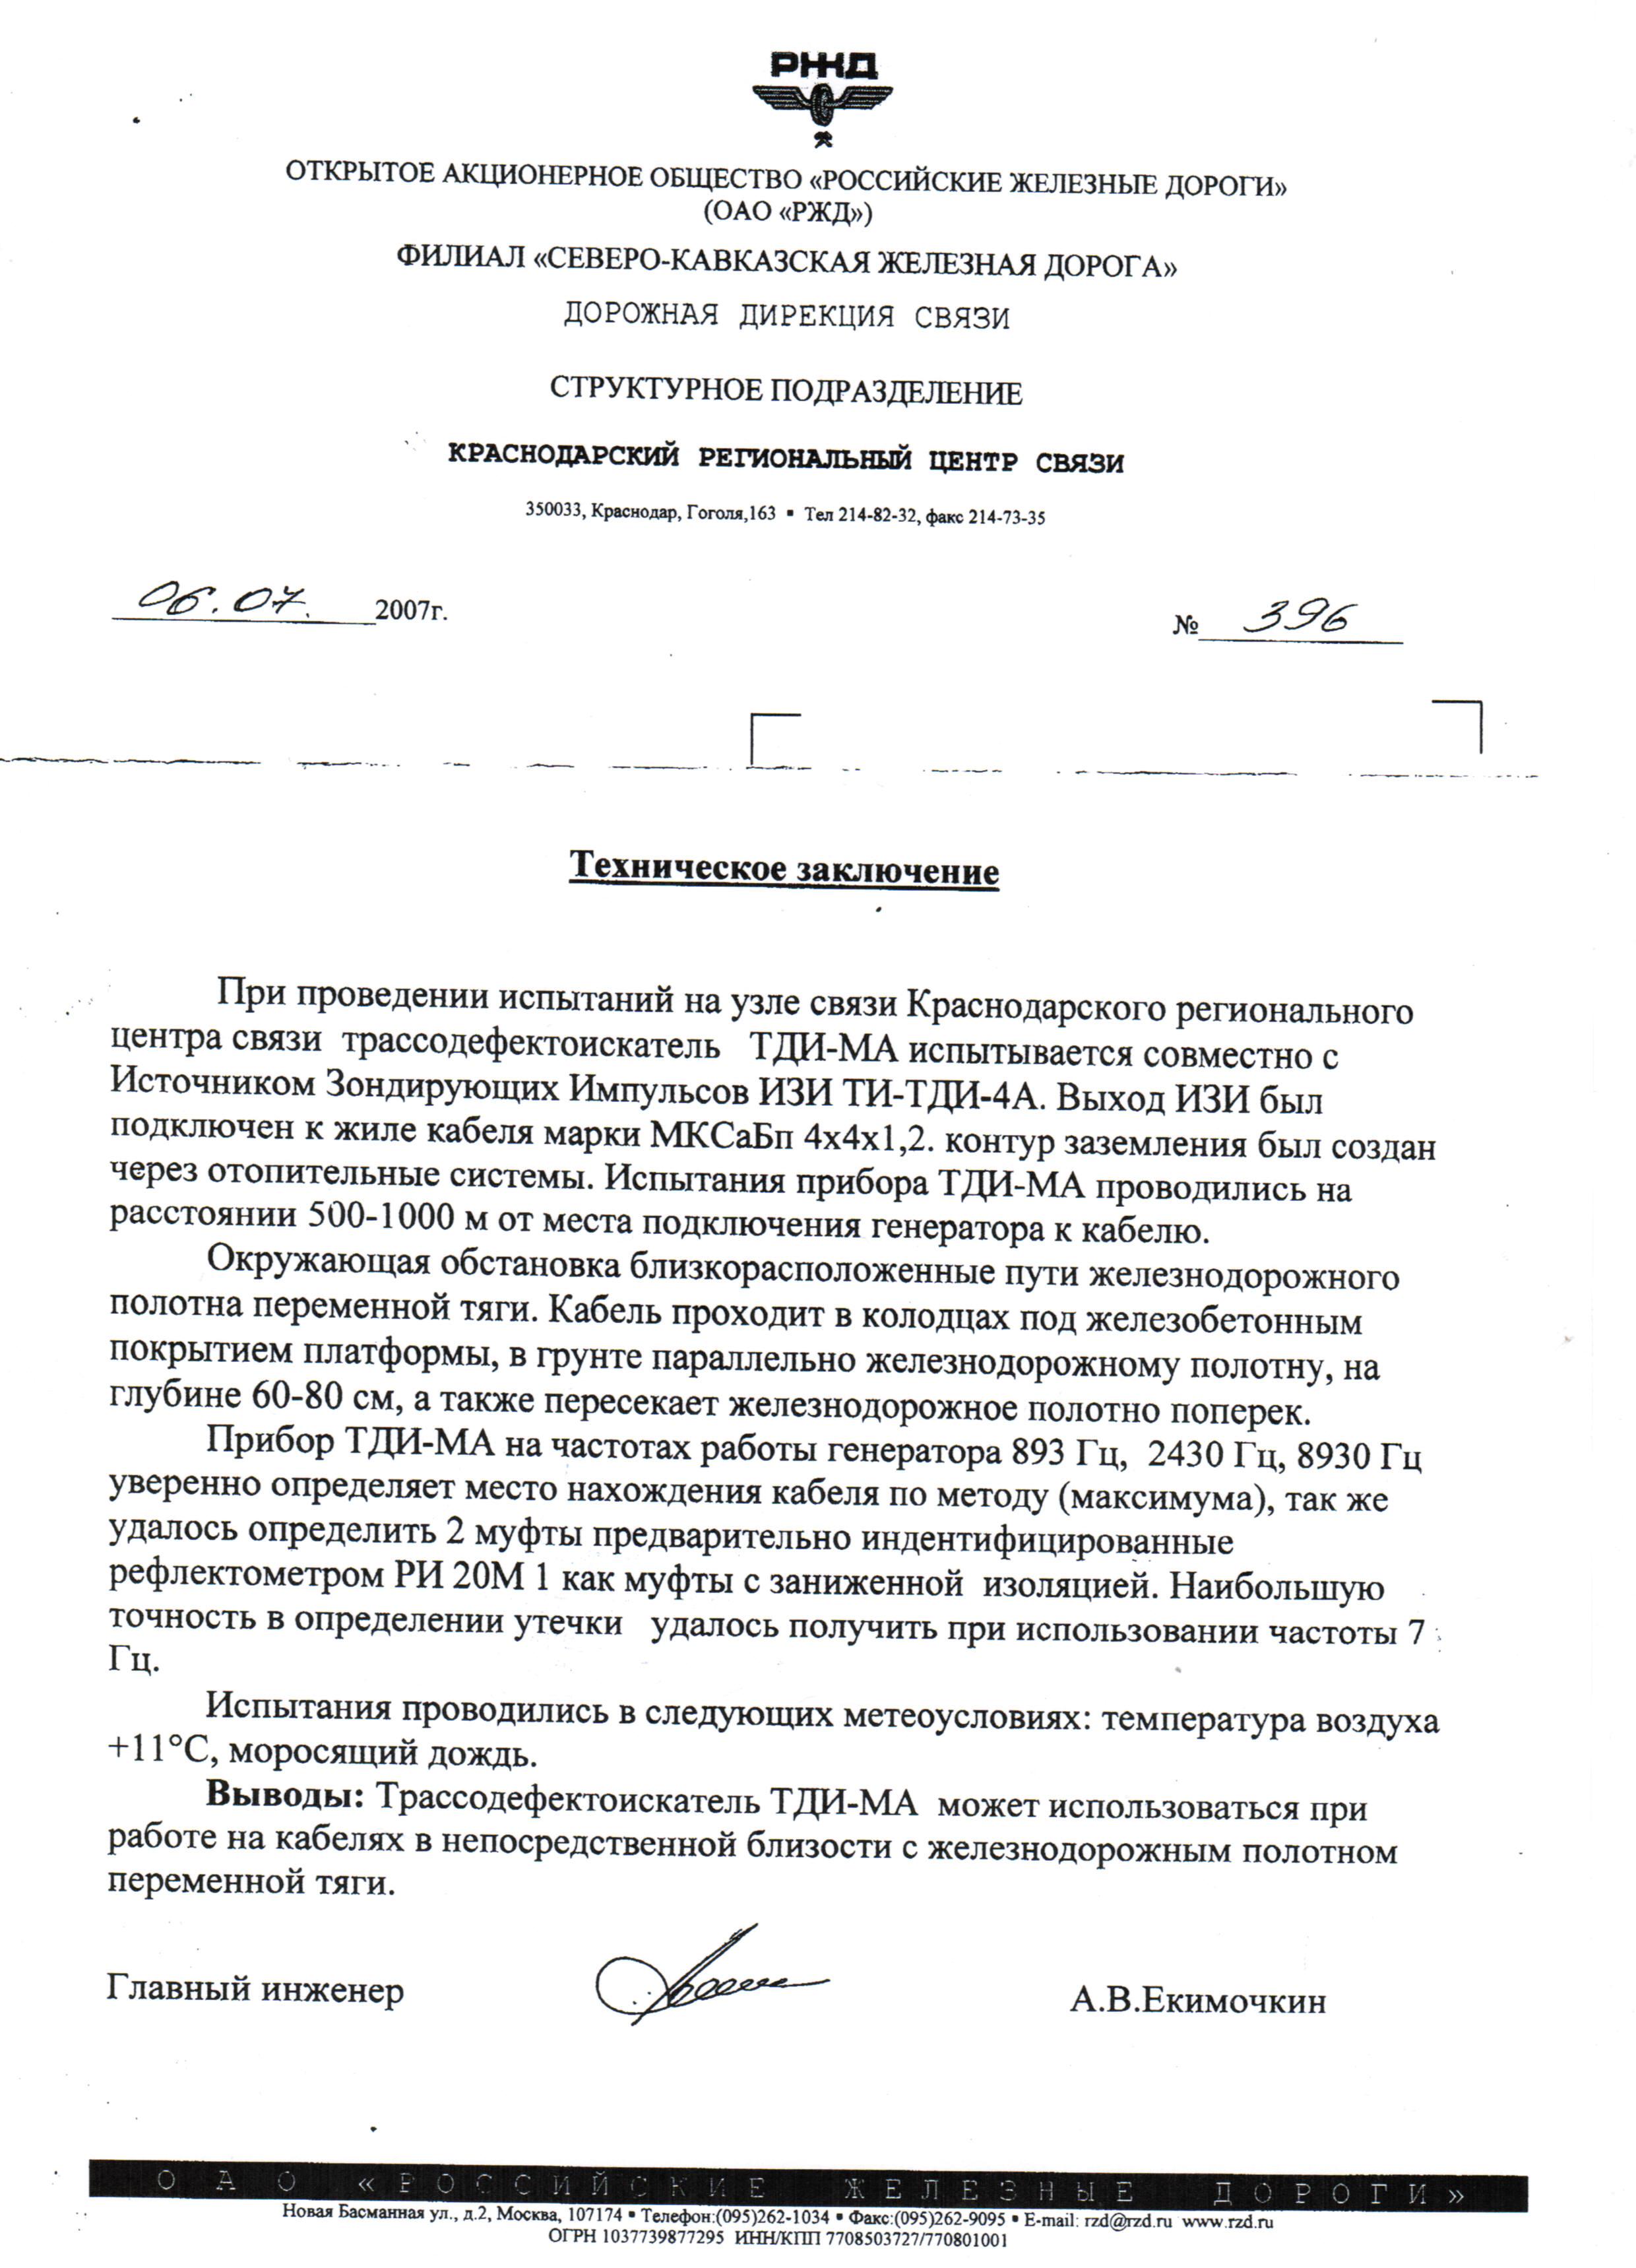 отзыв_РЖД_ТДИ-МА